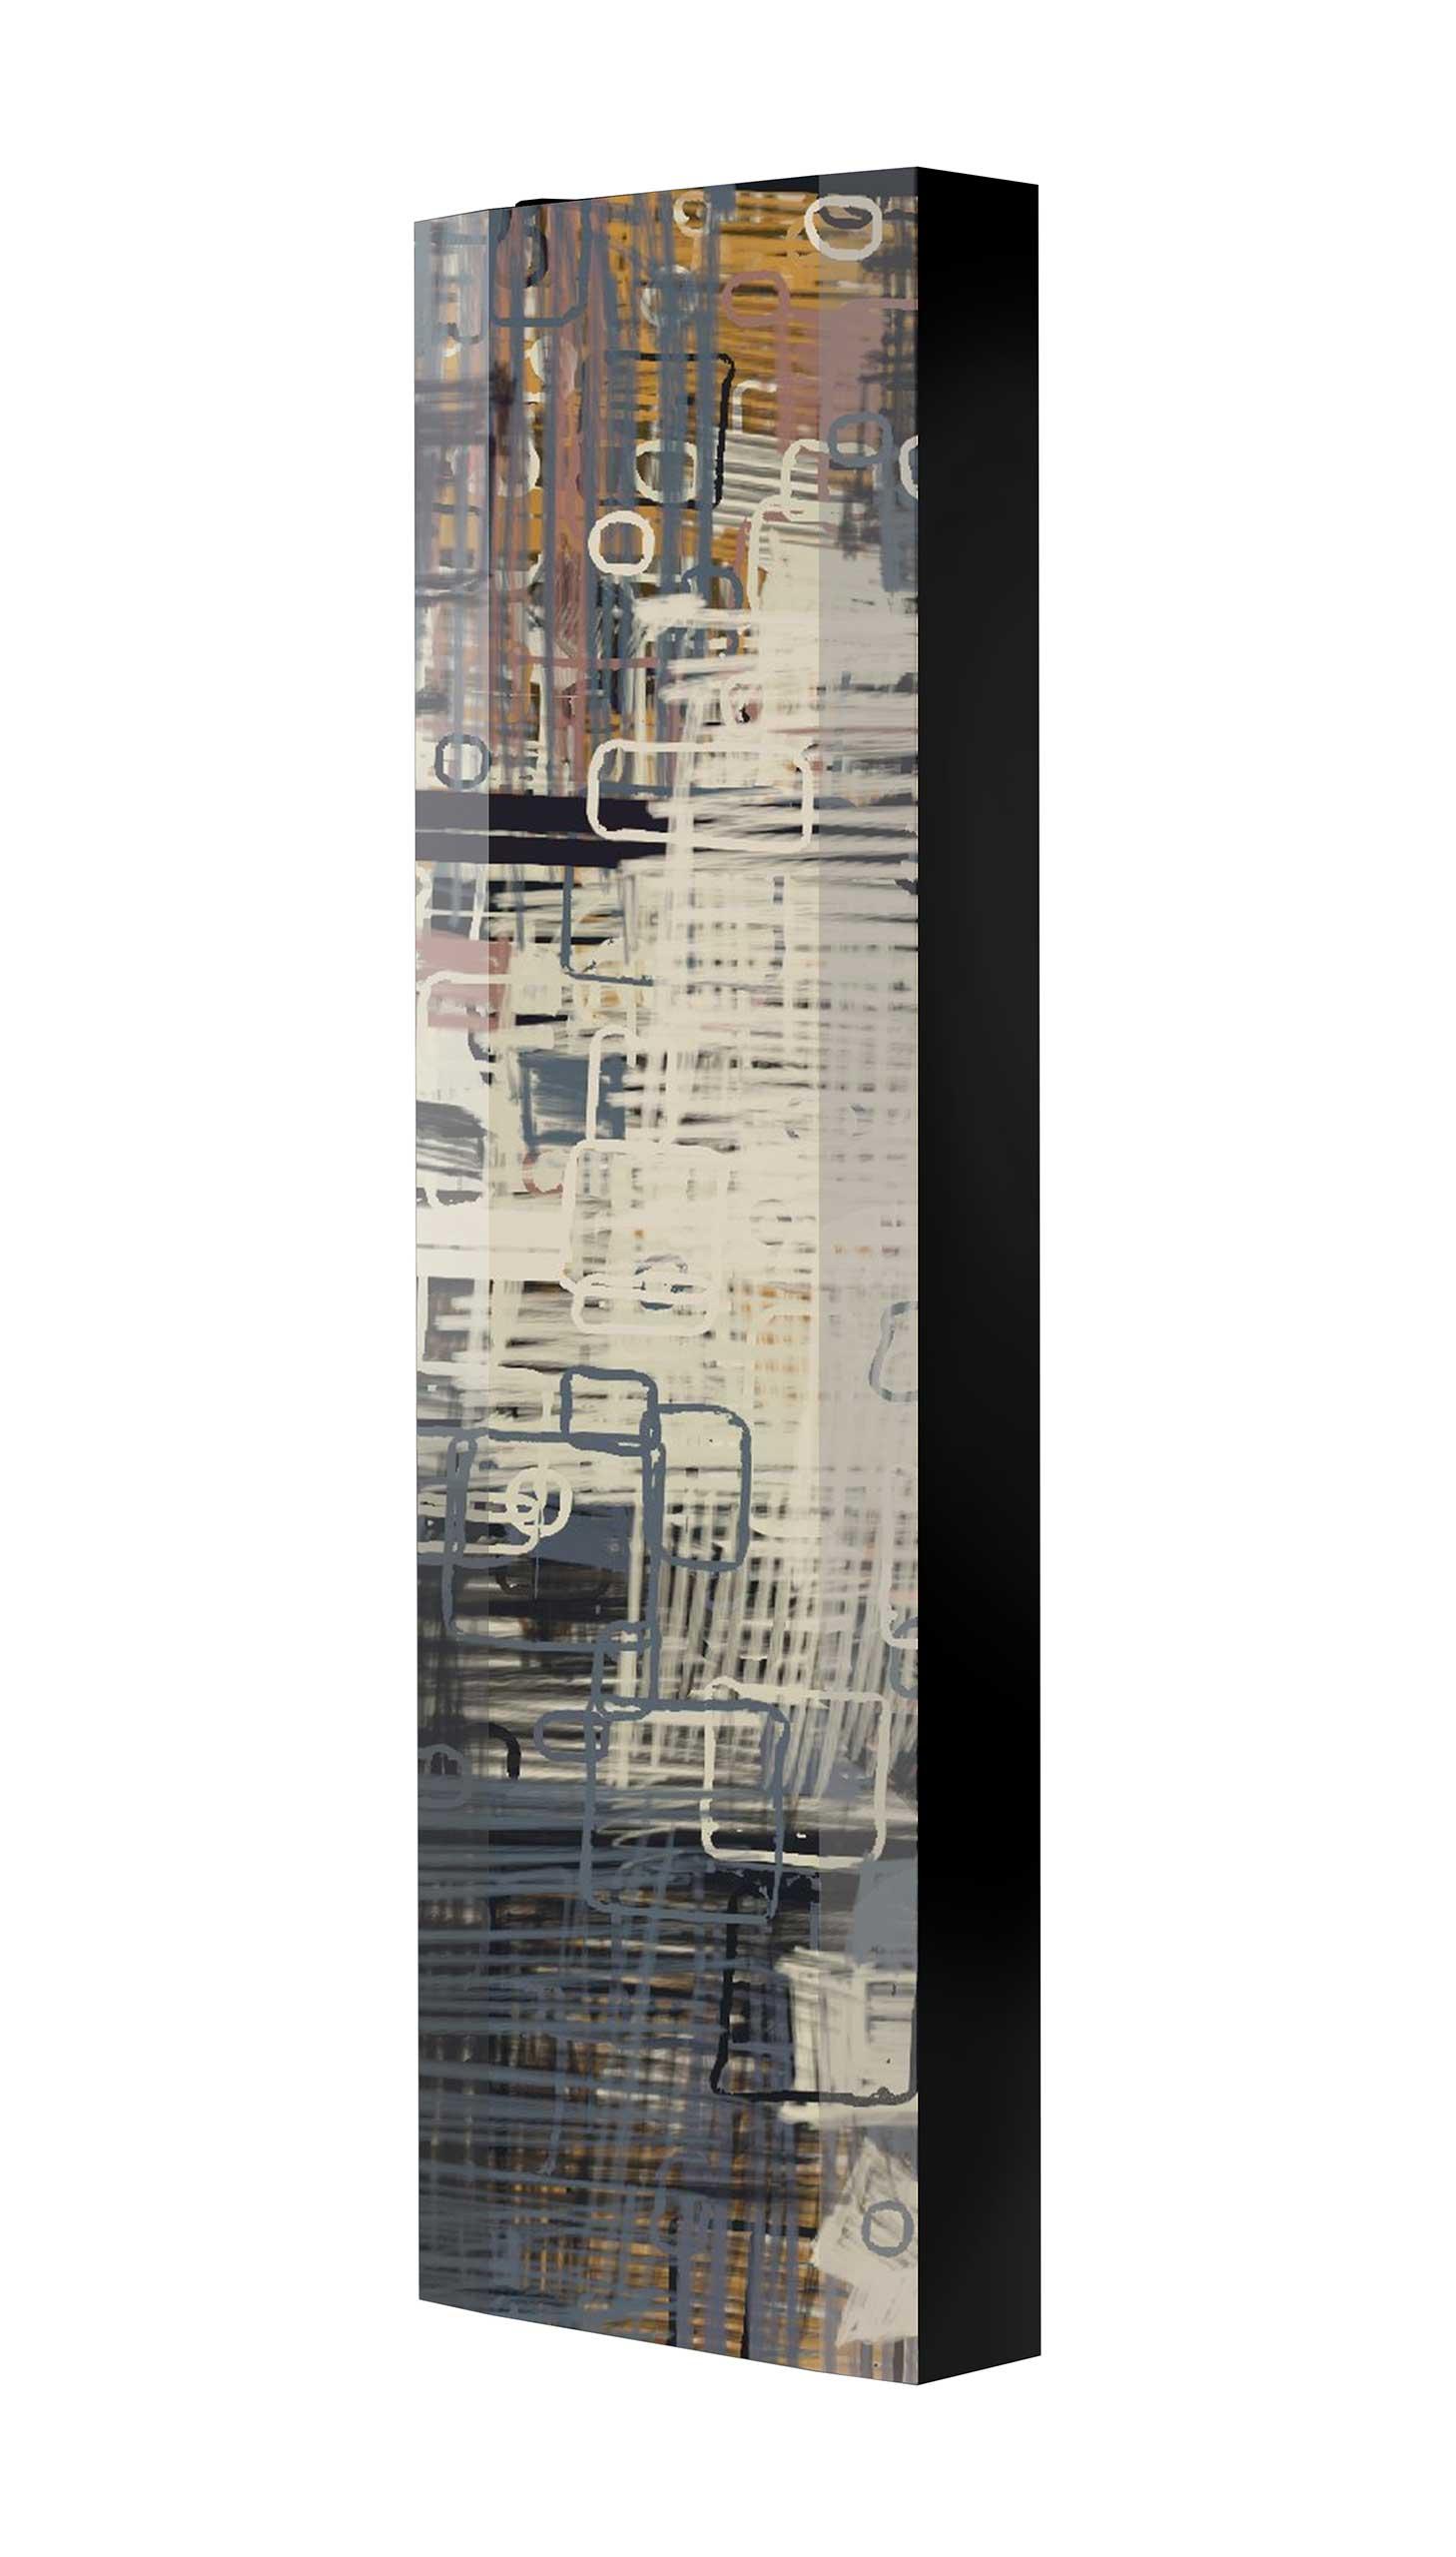 Schuhschrank FLASH 450 BLACK-EDITION Motivschrank schwarz drehbar M140 Abstrakt Kunst